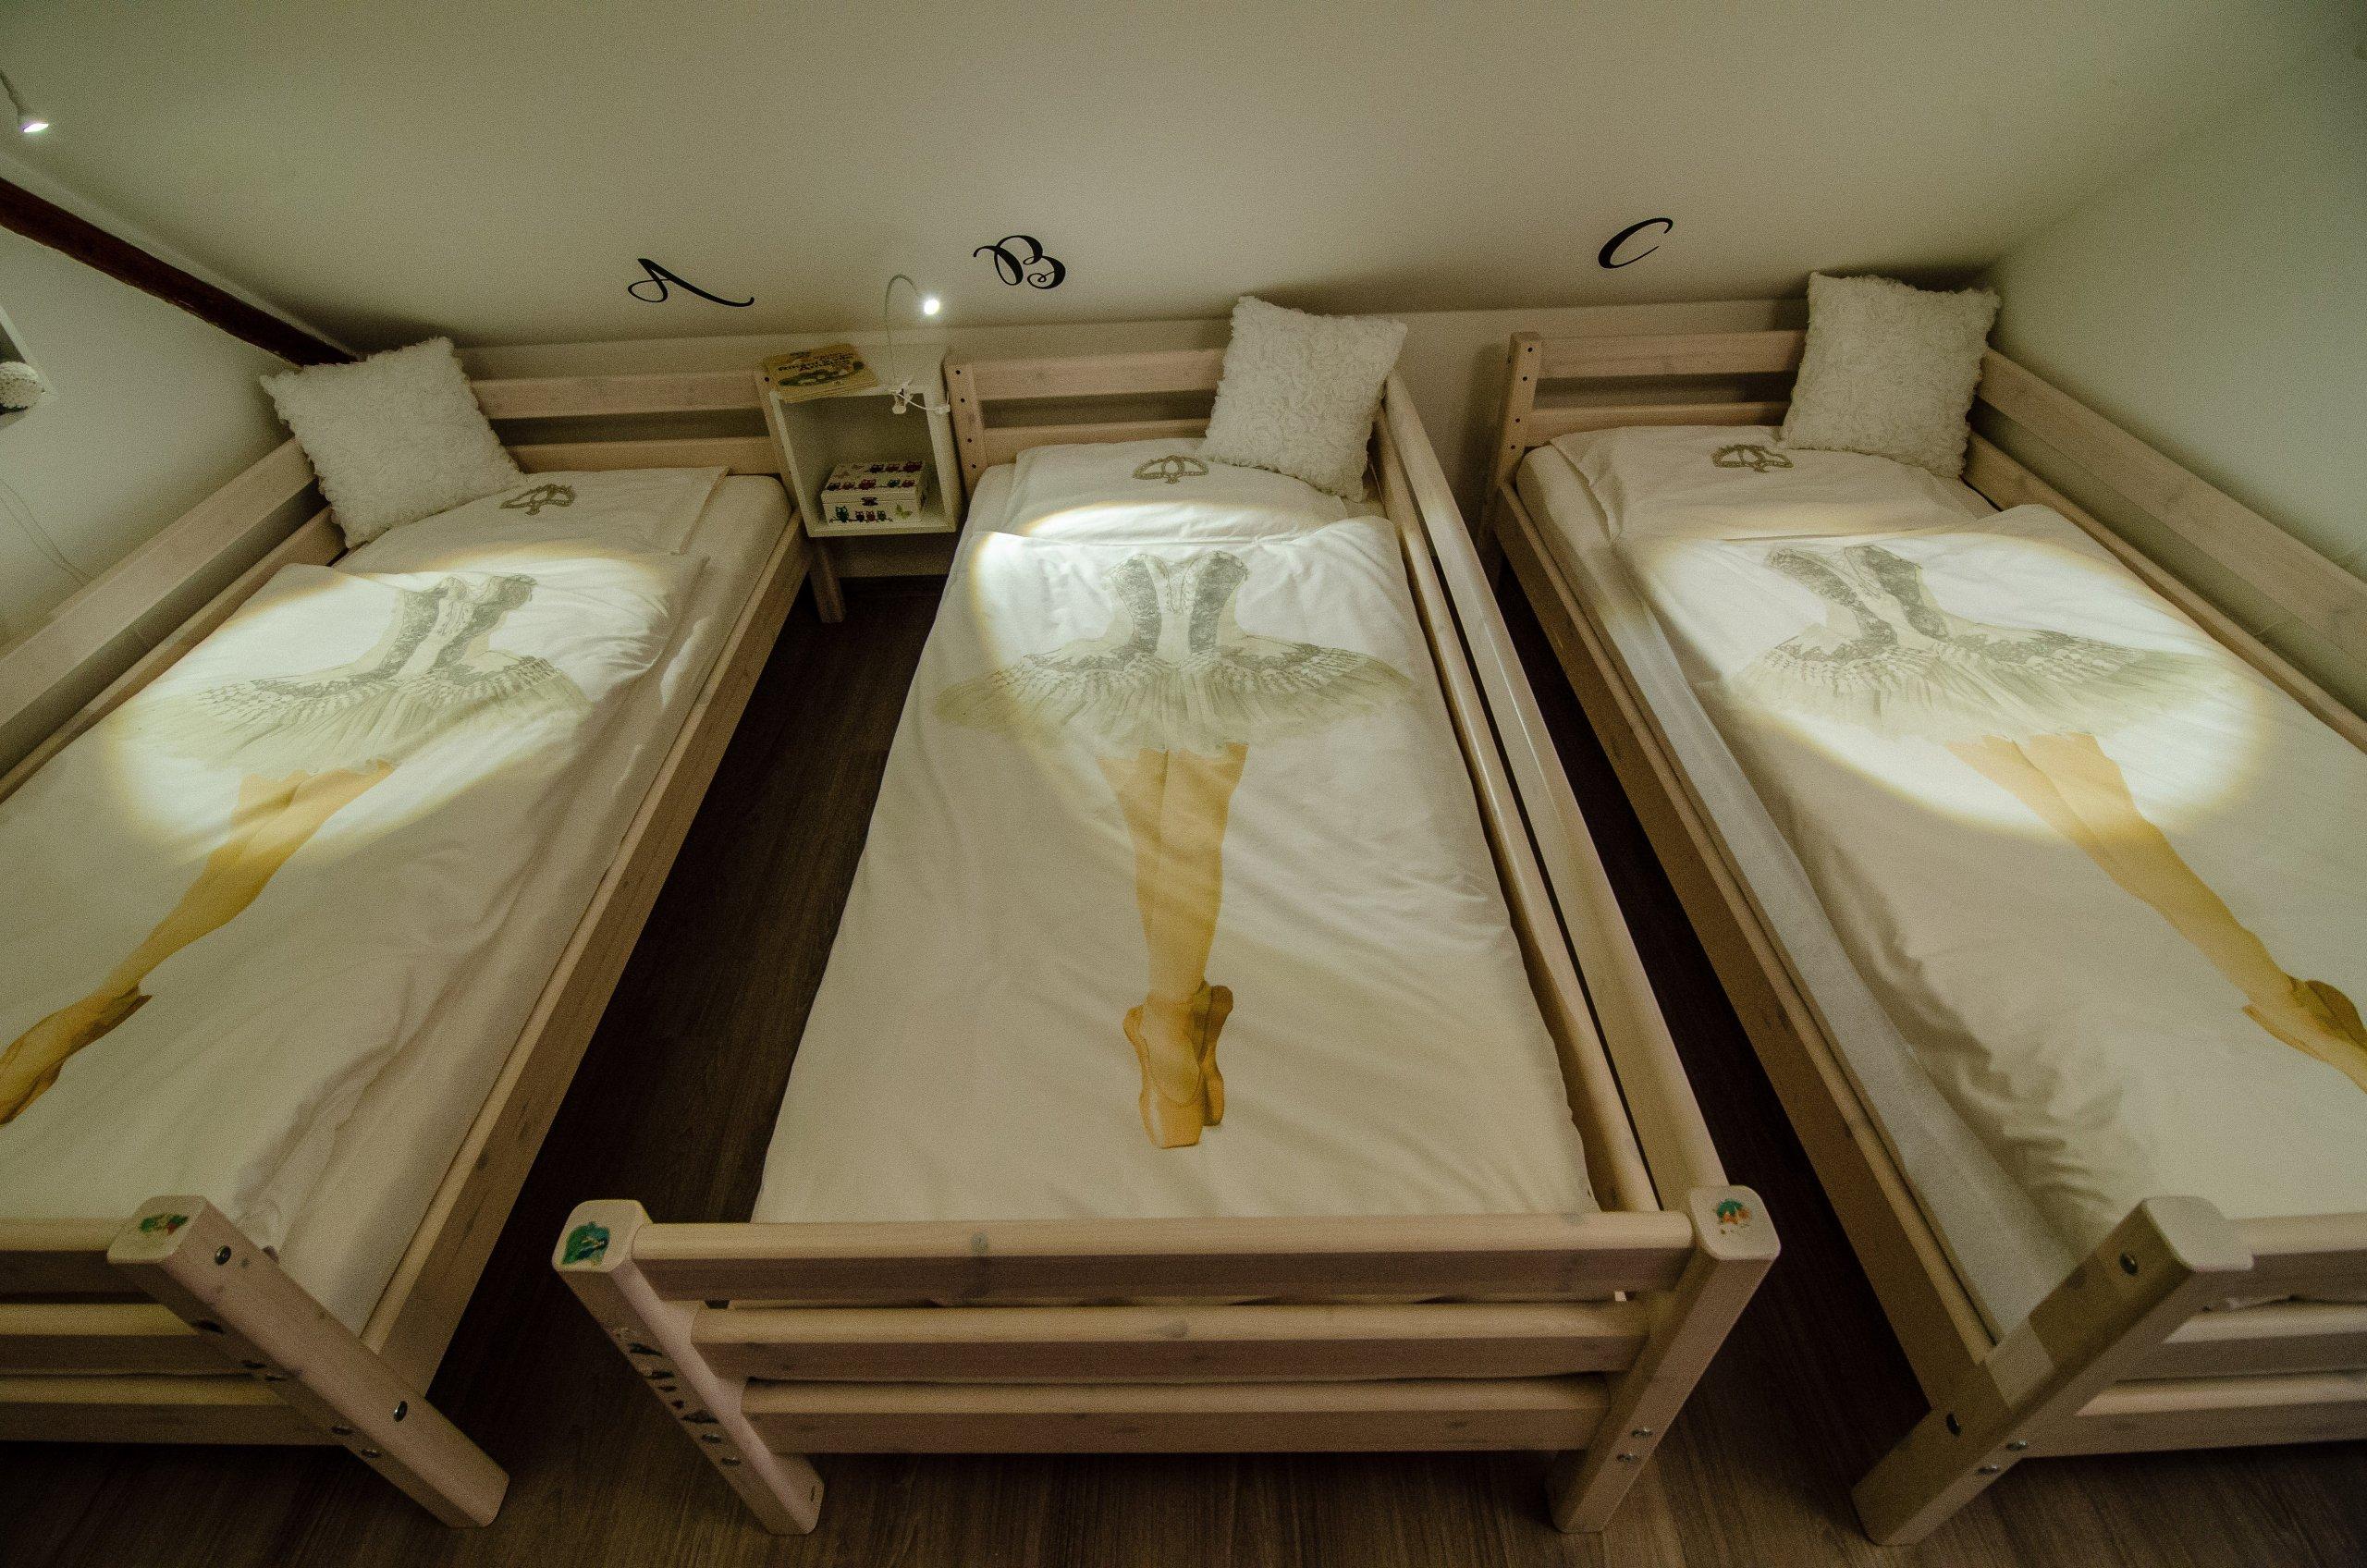 Holčičky měly dostat pokojíček jako překvapení k sedmým narozeninám, těsně před nástupem do školy.